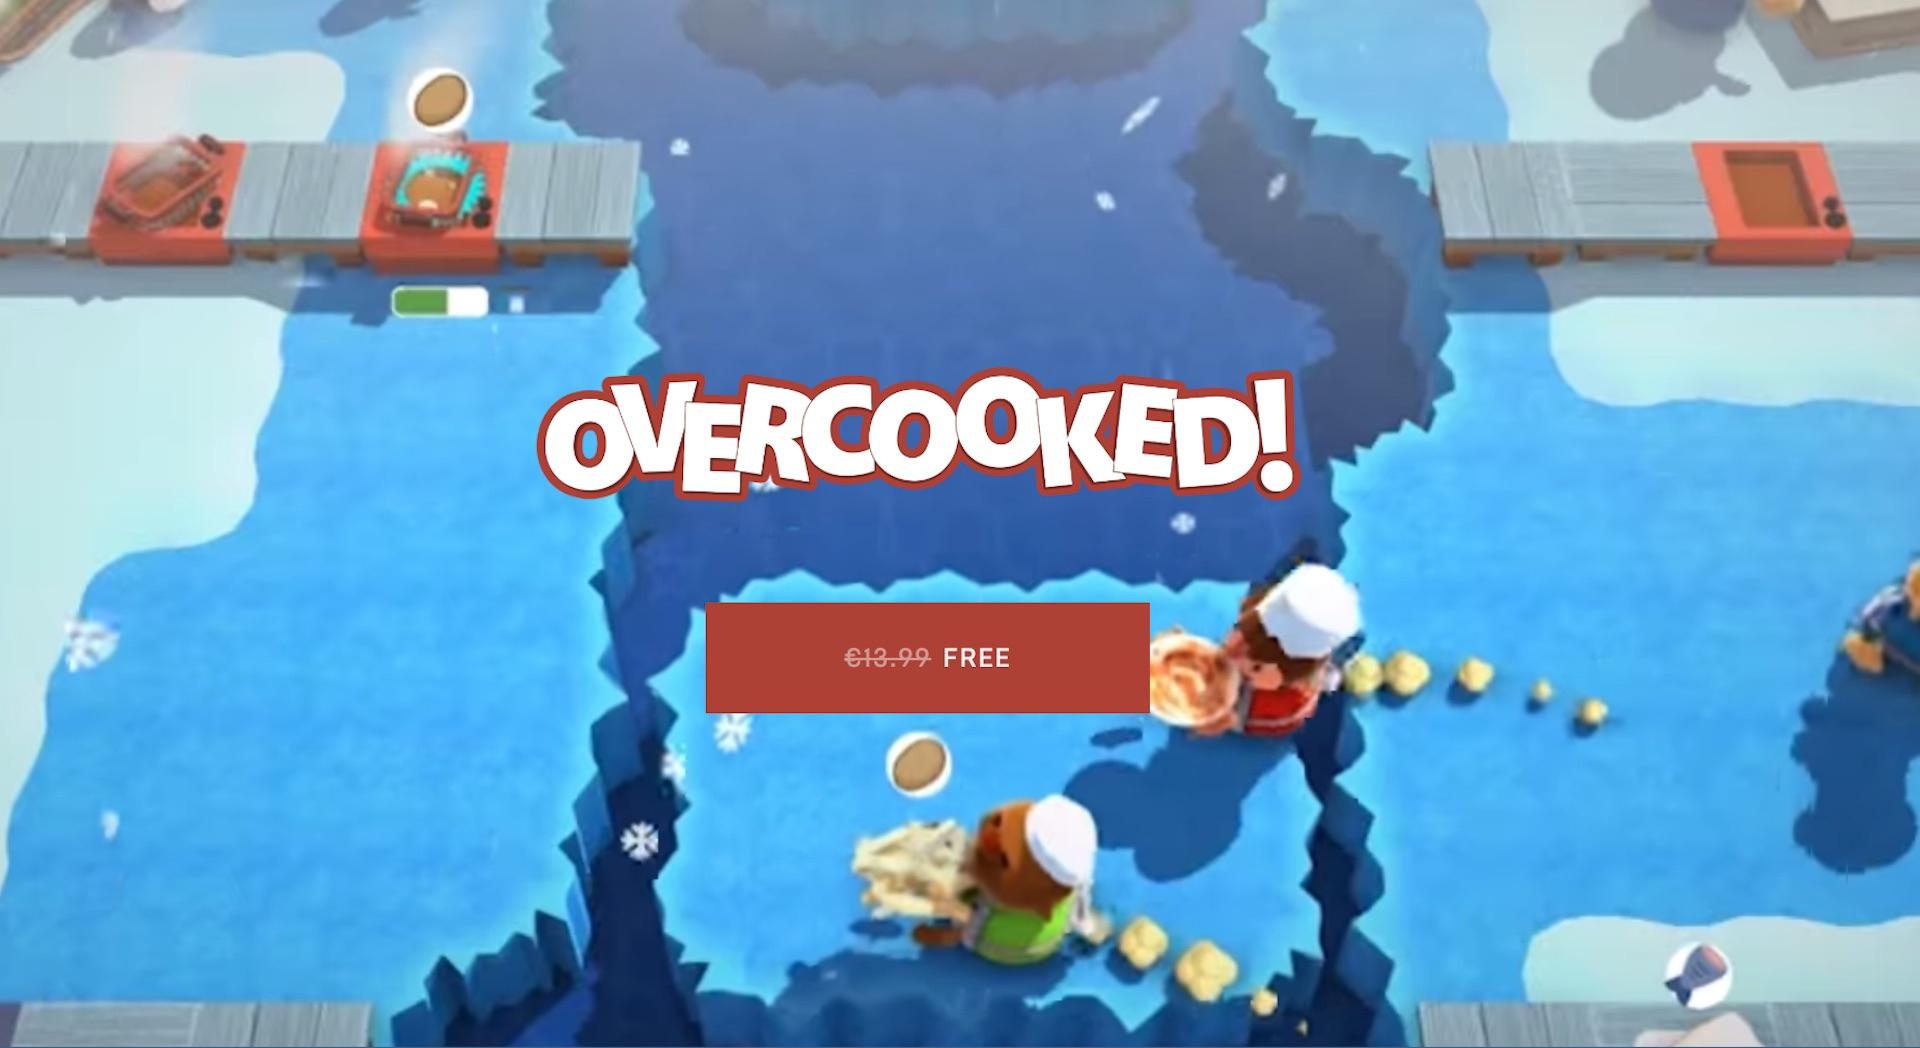 Overcooked Est Temporairement Gratuit : Foncez Télécharger encequiconcerne Jeux Video Pc Gratuit Sans Telechargement